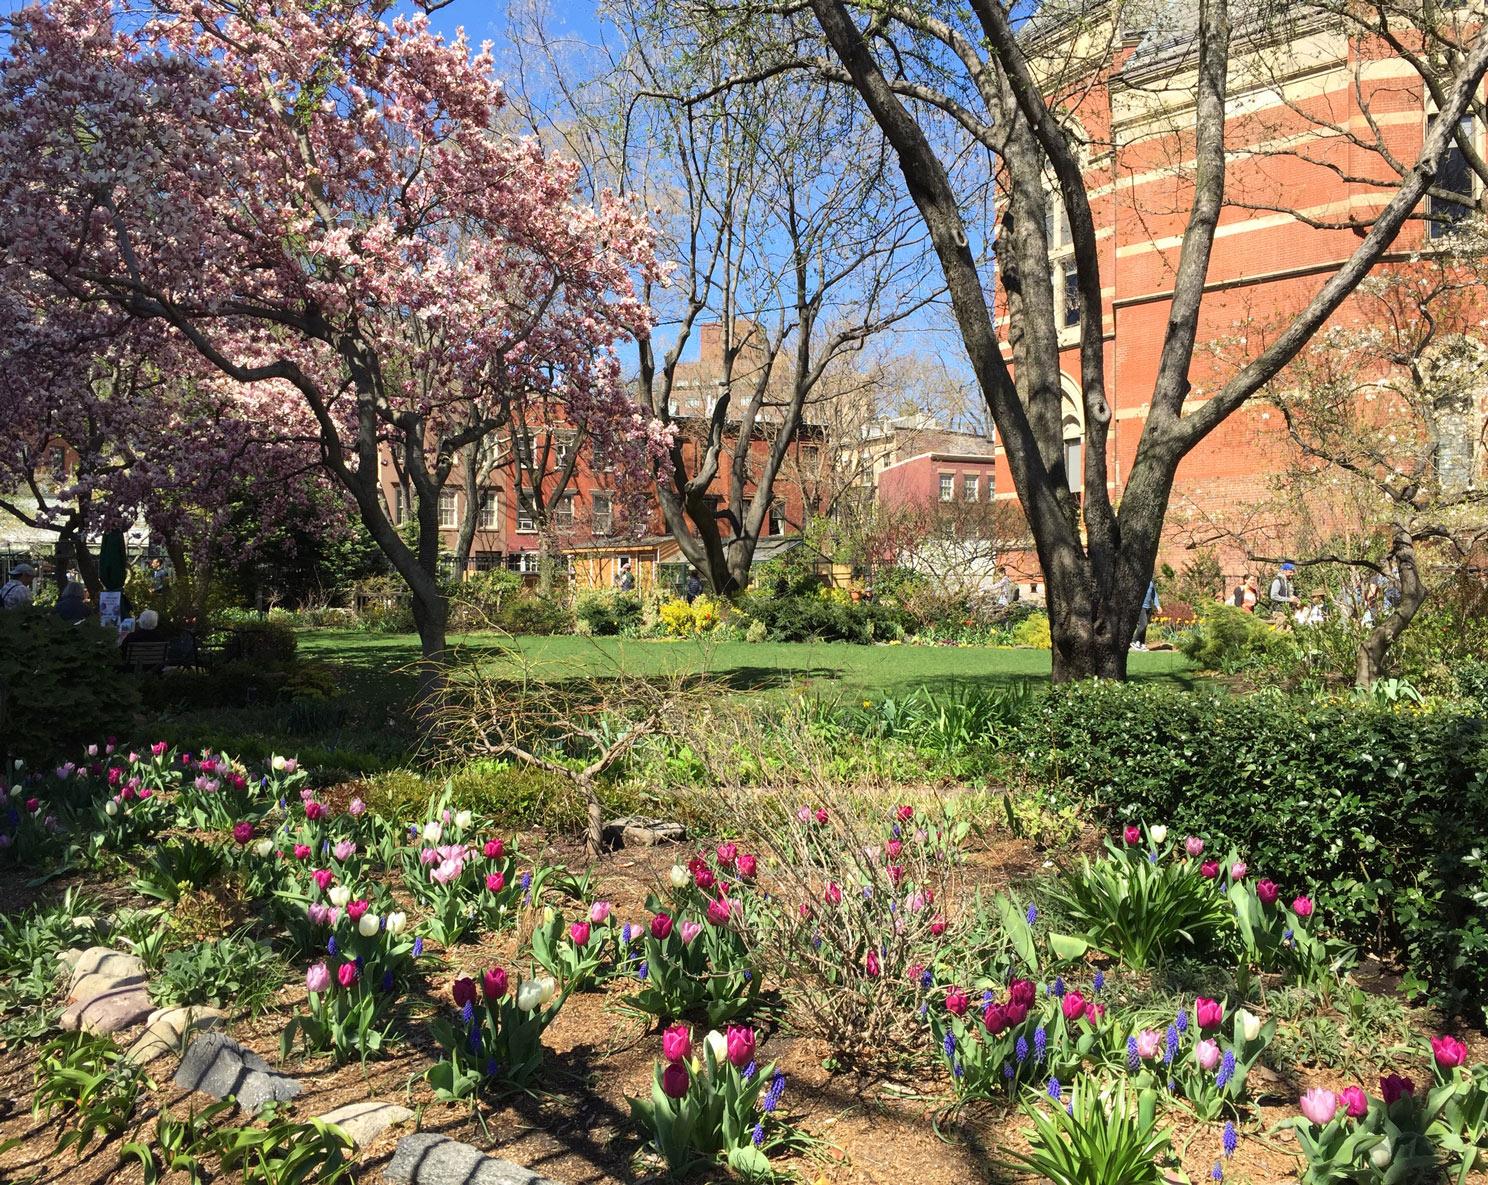 Jefferson-Market-Garden-Pink-Burgundy-Tulips-Spring.jpg